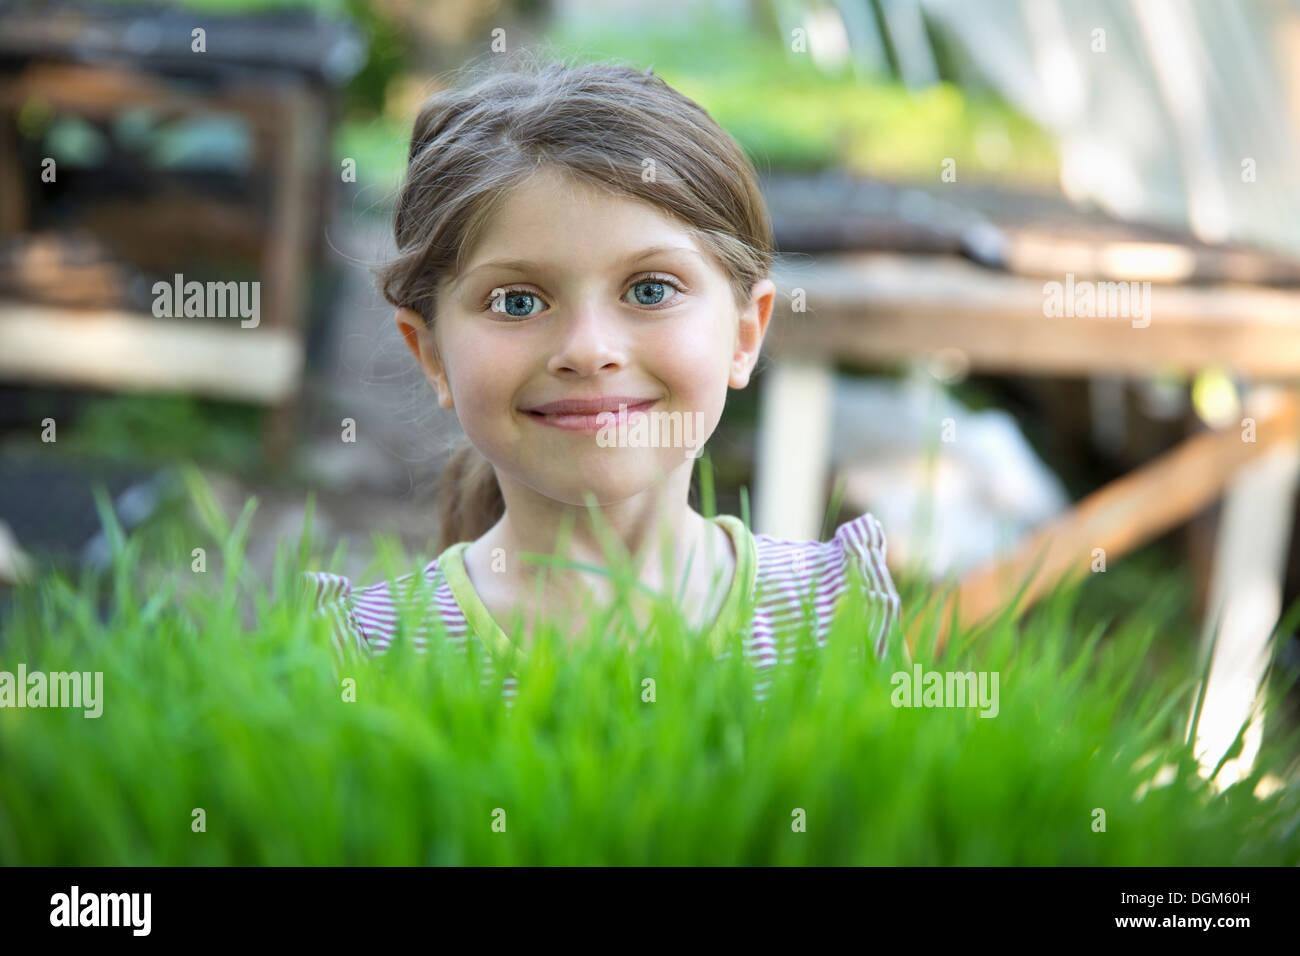 À la ferme. Une jeune fille souriant permanent par un banc en serre à plus de pousses vertes de la croissance des semis dans des bacs. Photo Stock